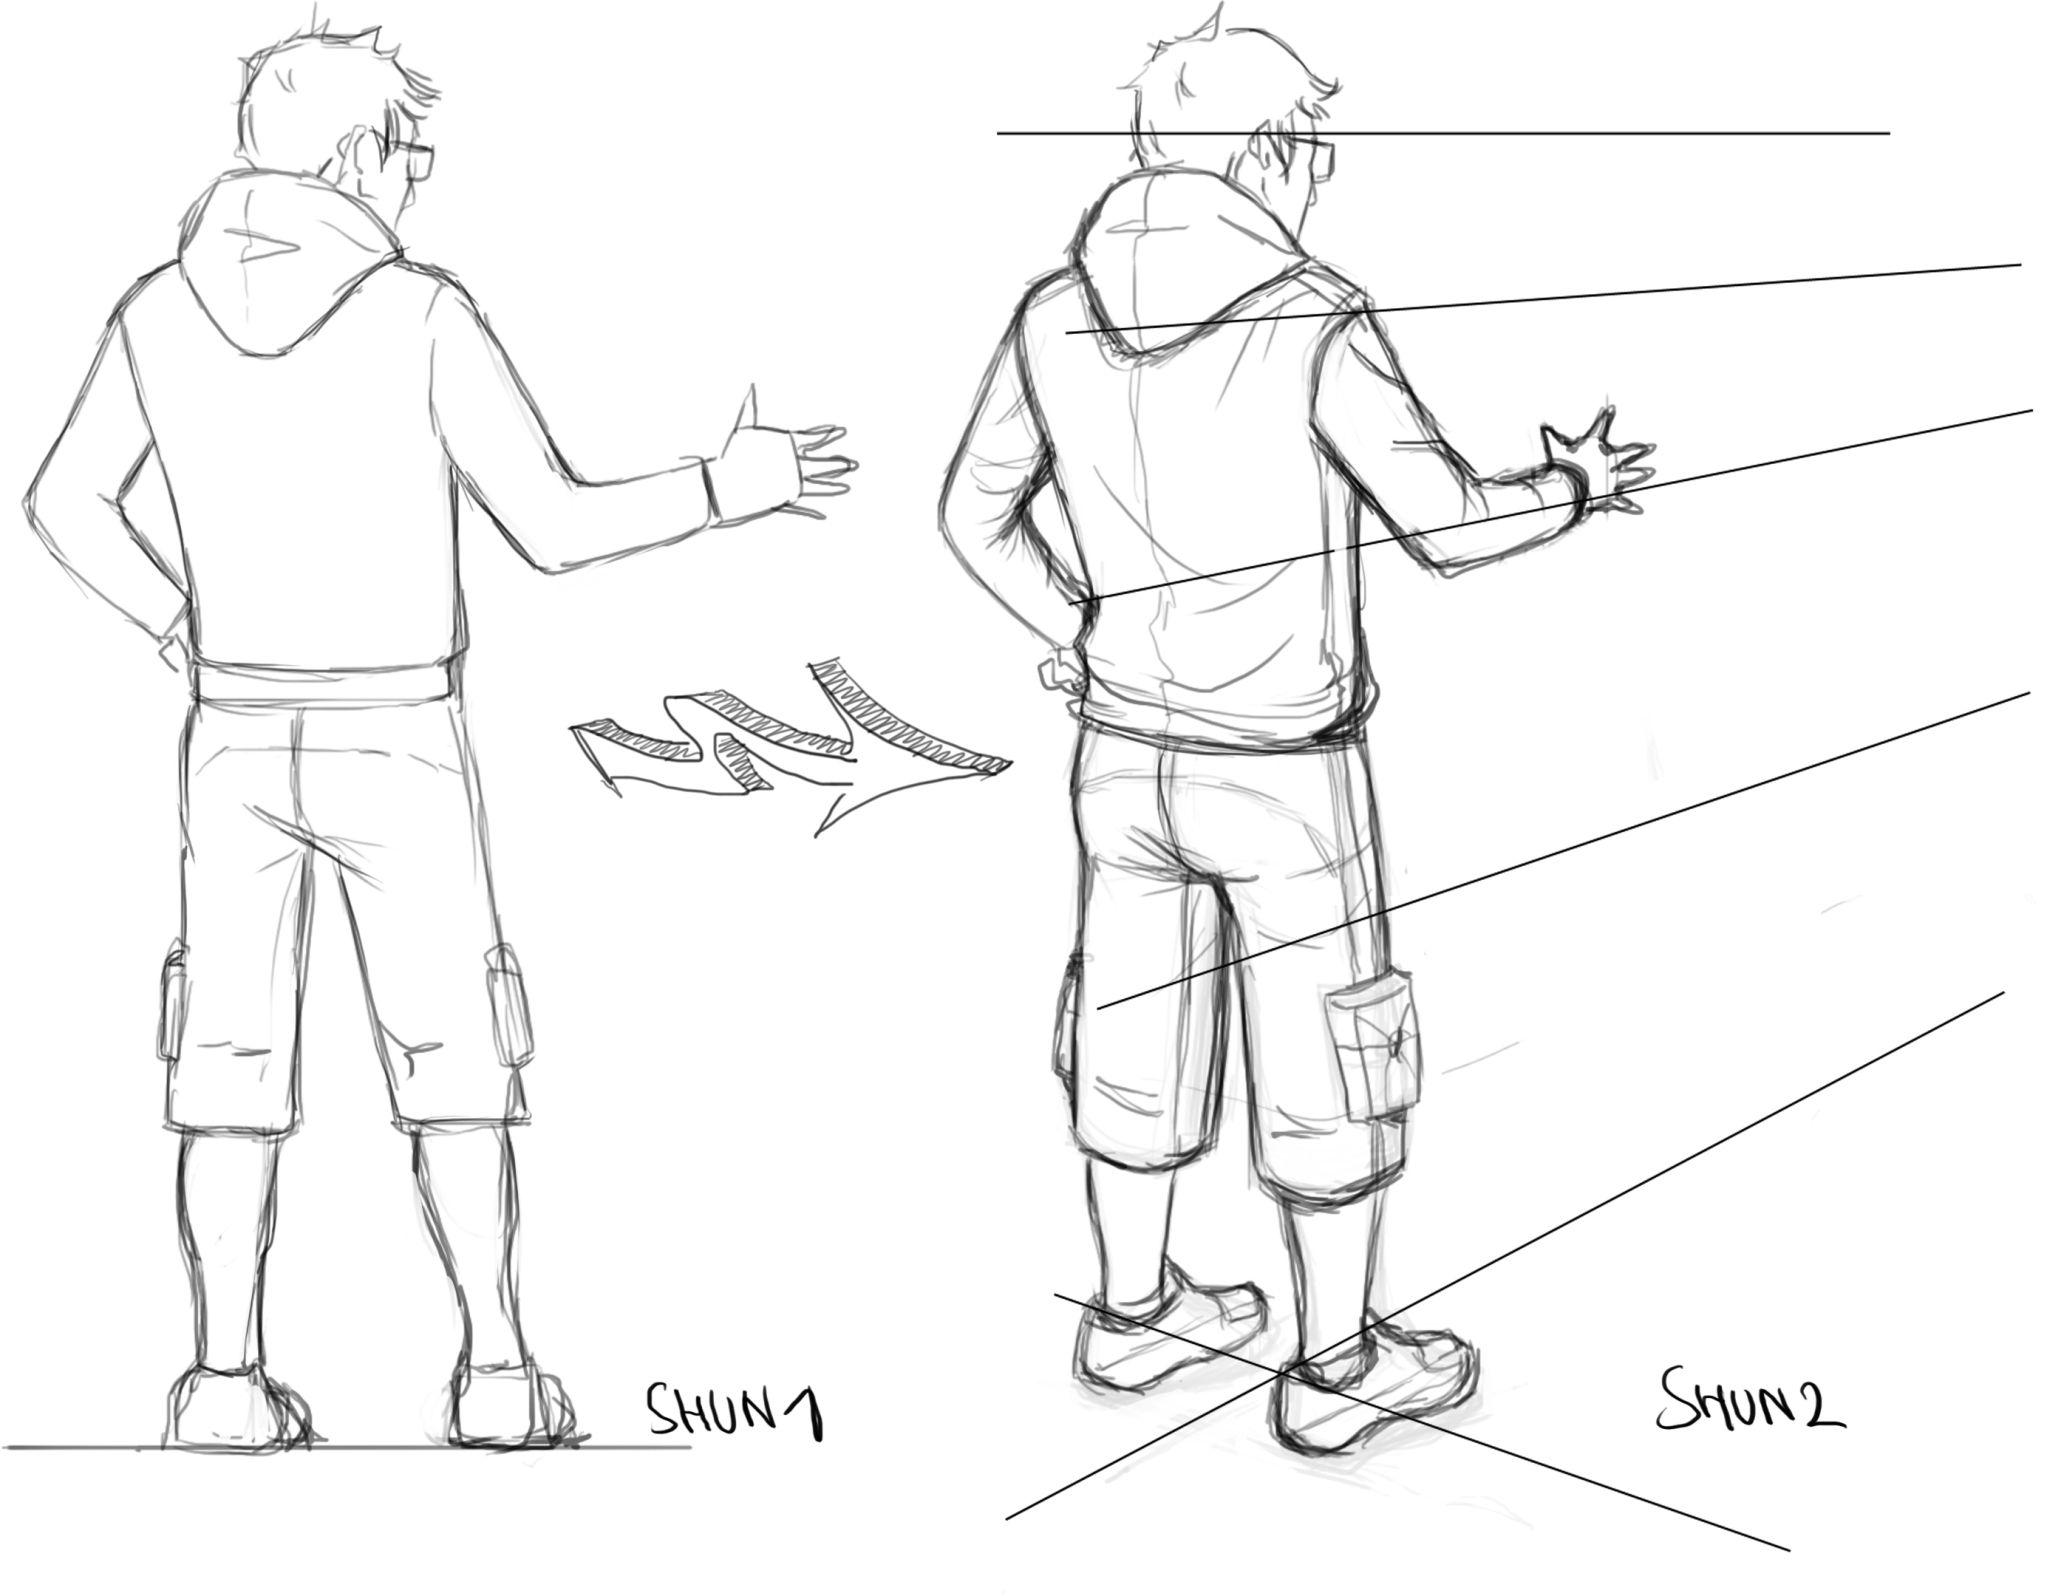 Dibujando En Perspectiva 3 Volumen Y Profundidad Como Dibujar En Perspectiva Dibujo Perspectiva Arte En Perspectiva